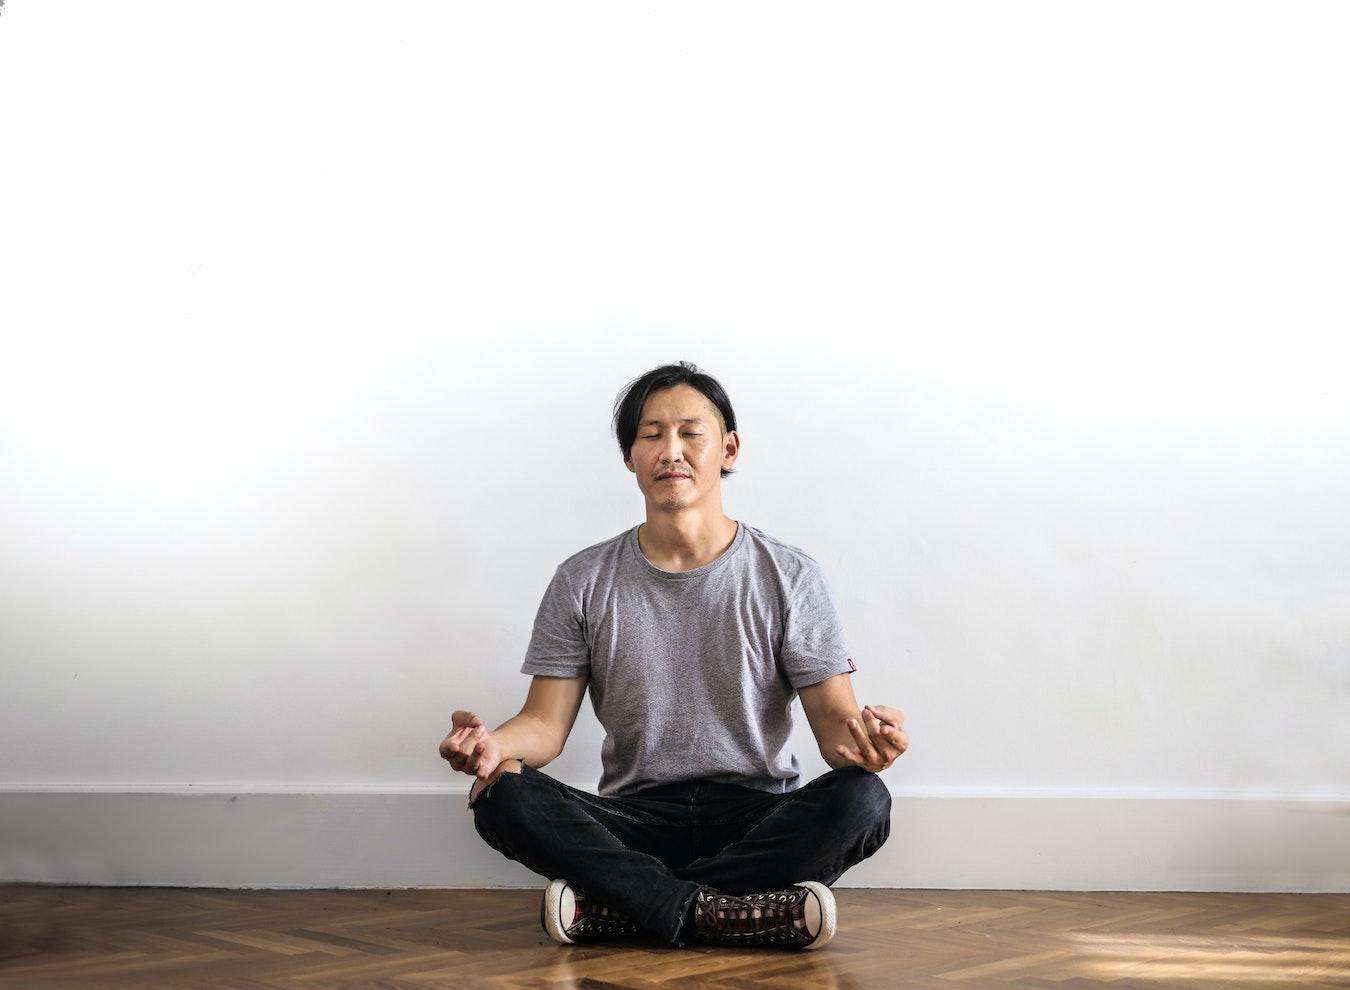 junger Mann meditiert vor einer weißen Wand um seine Selbstzweifel zu überwinden